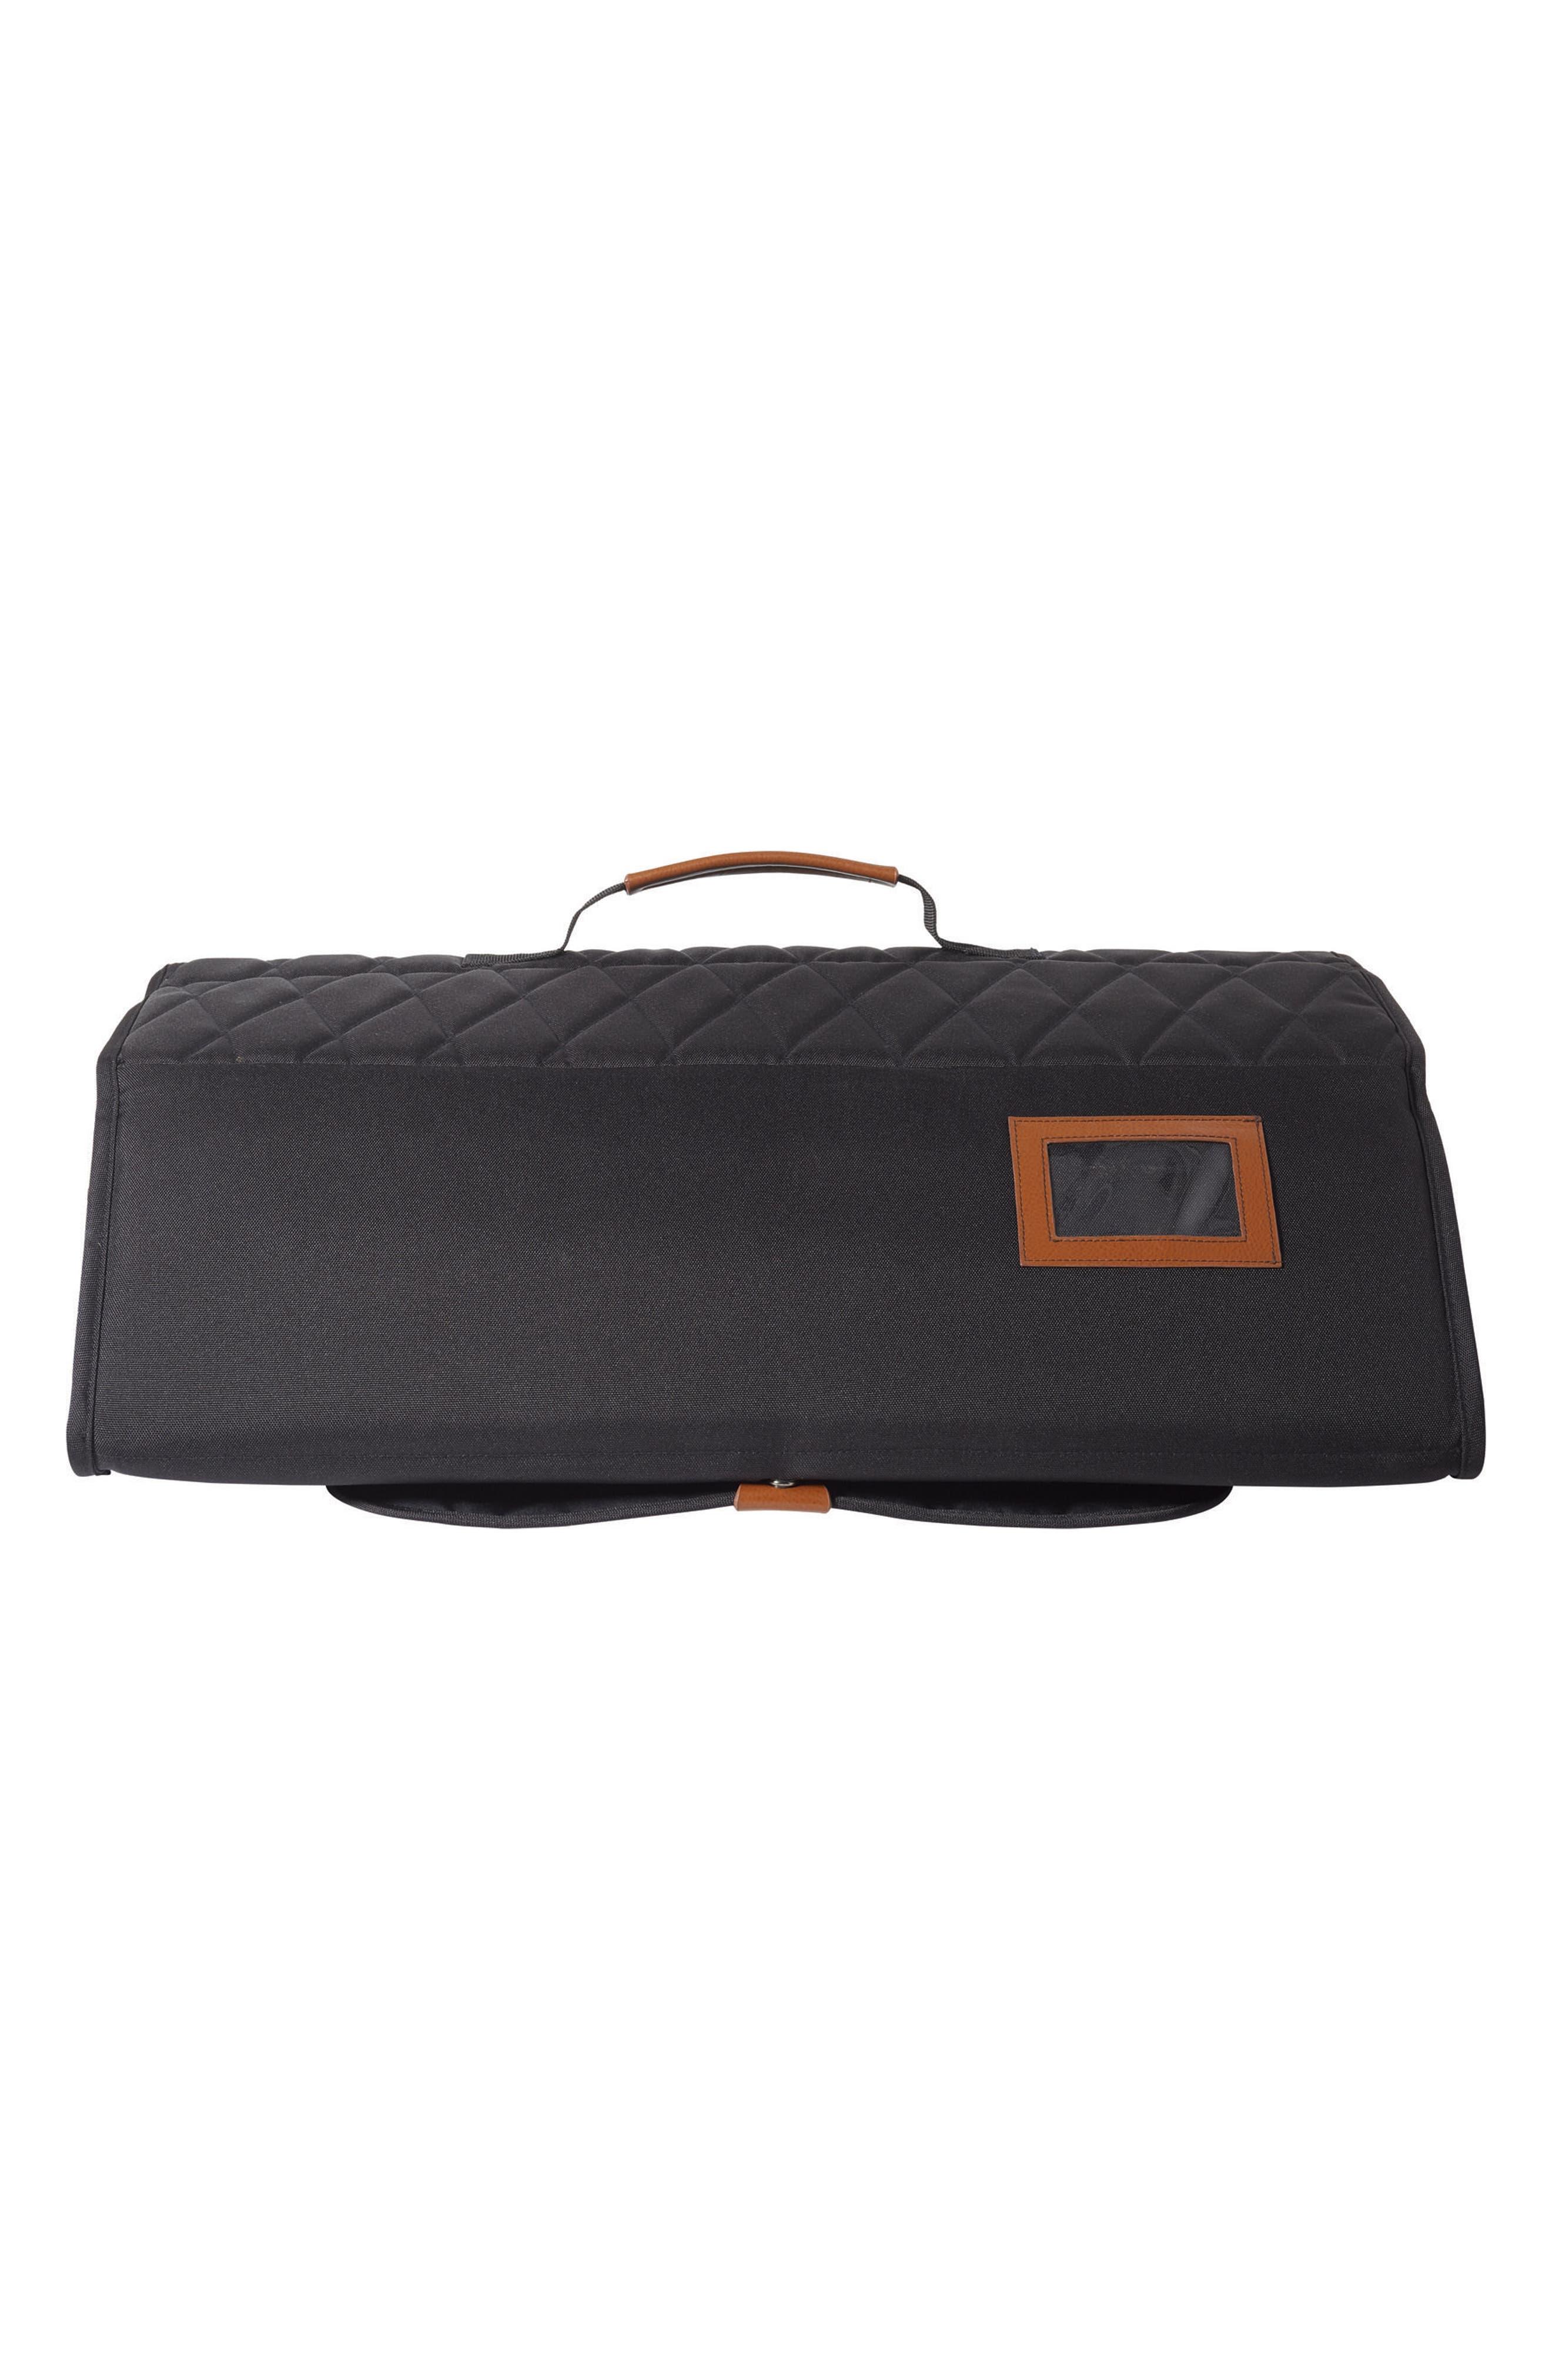 Alternate Image 2  - Joolz Traveller Water-Resistant Stroller Travel Bag